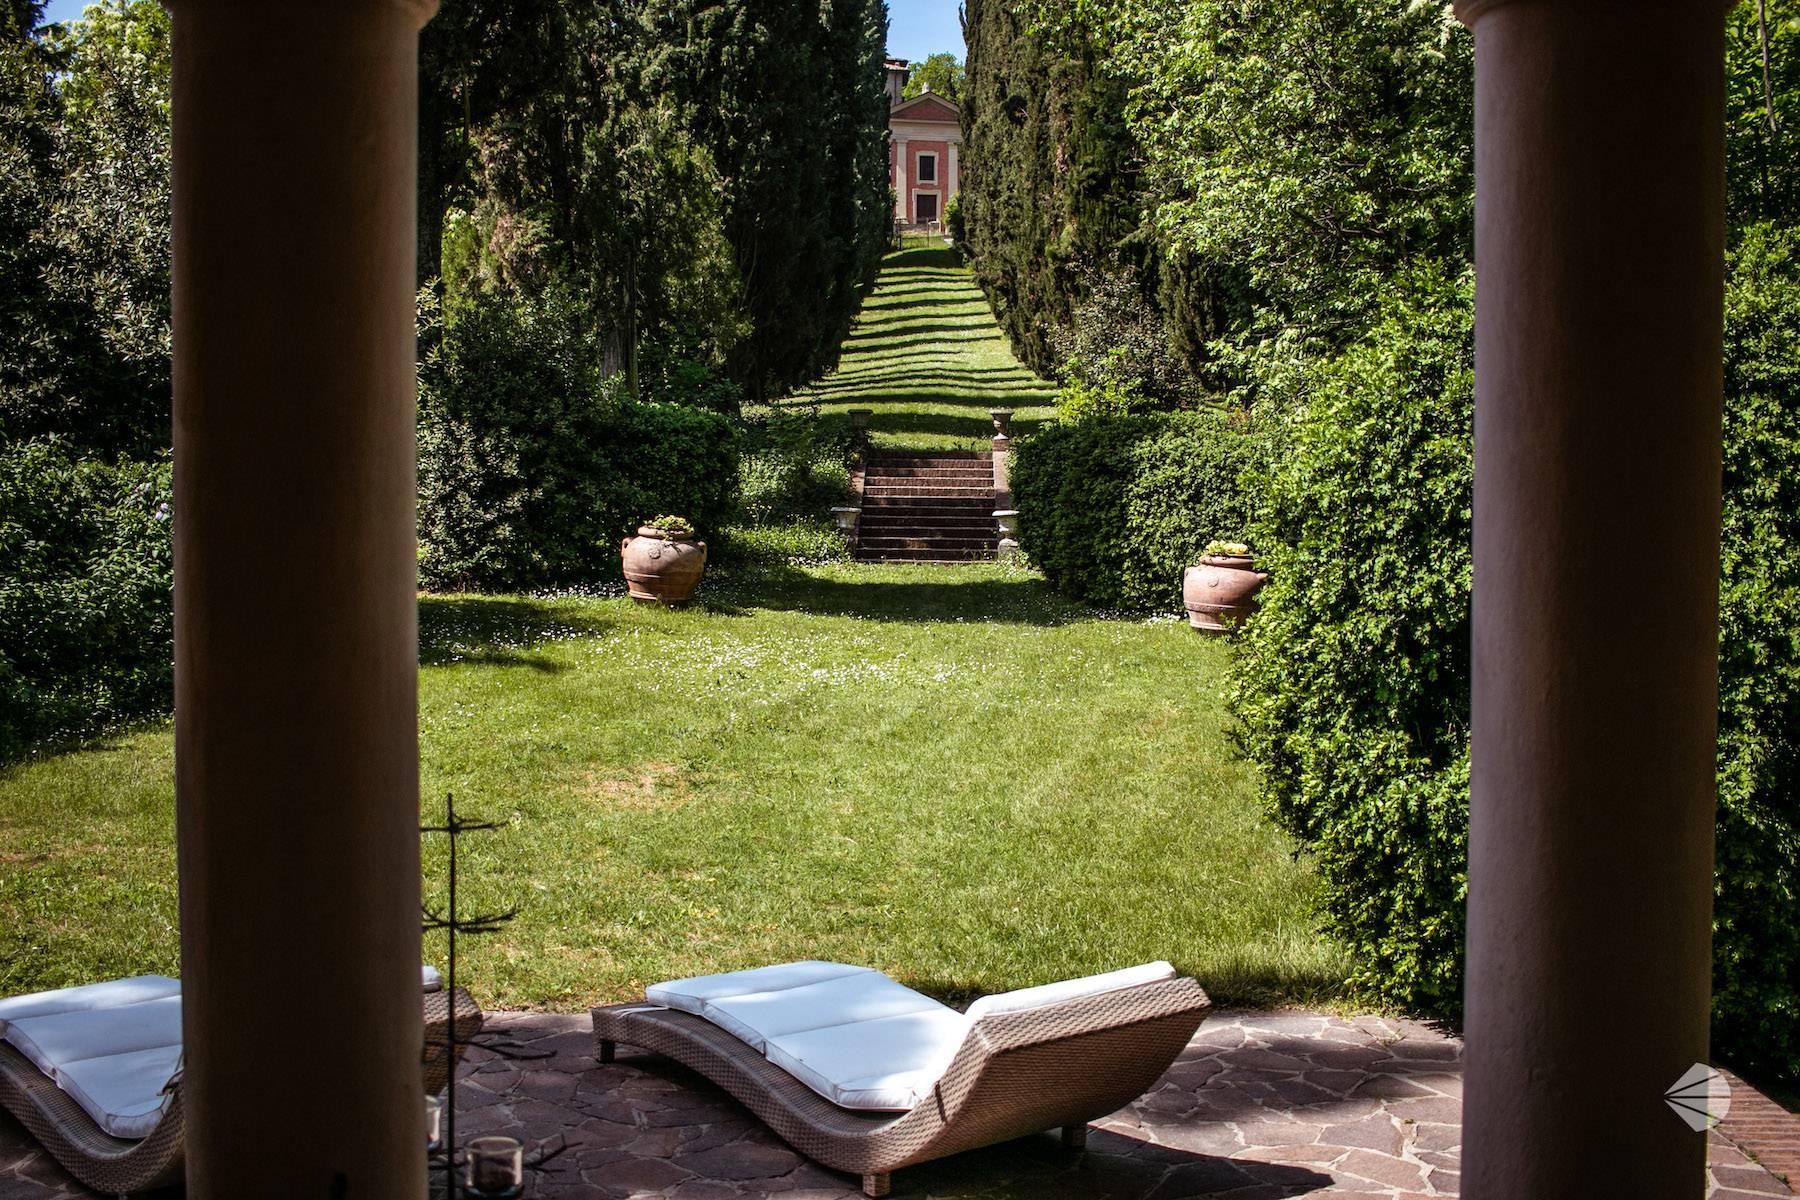 Villa in Vendita a Fiorano Modenese: 5 locali, 470 mq - Foto 4